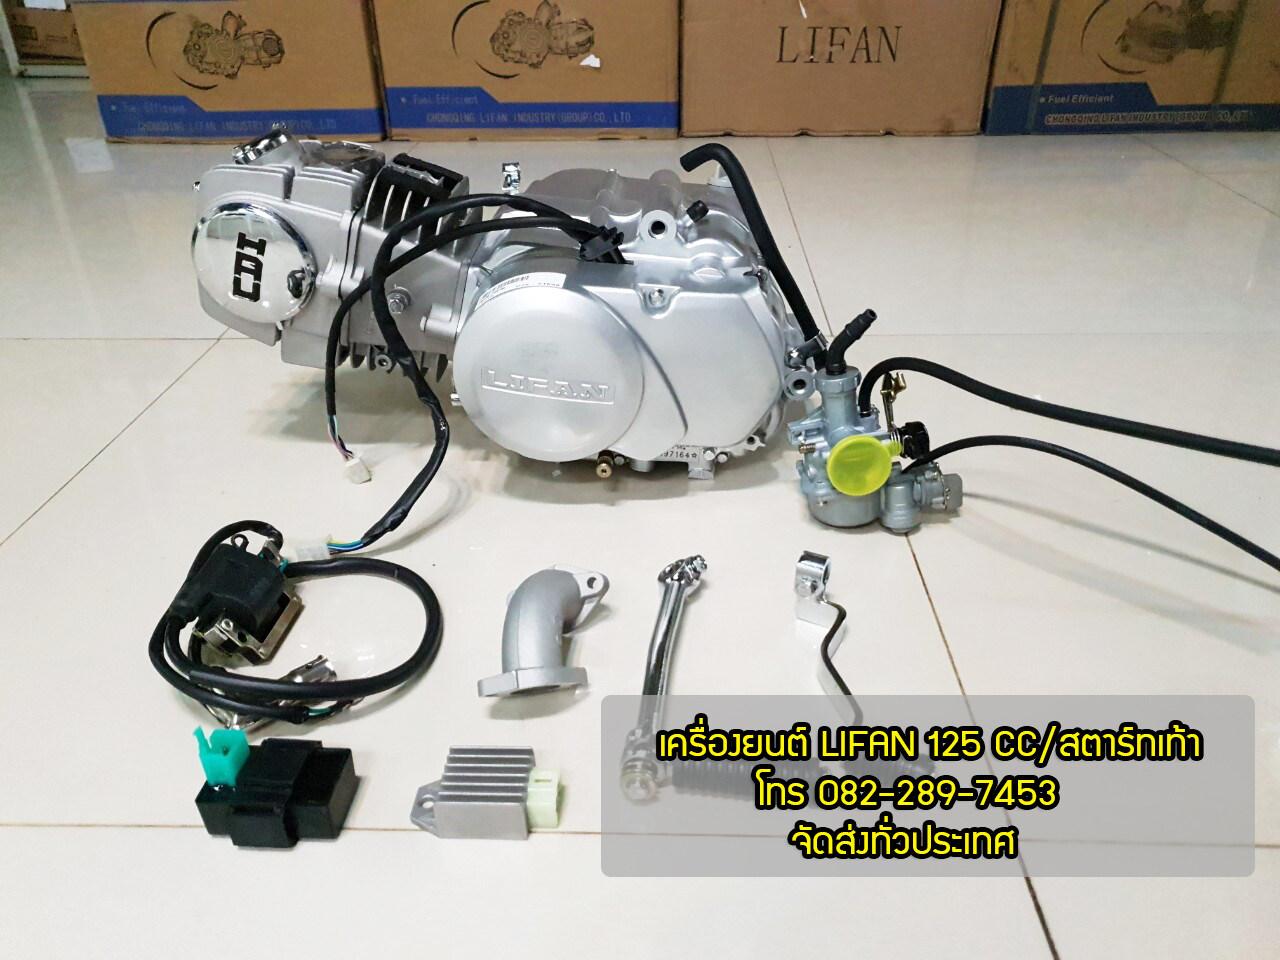 เครืองยนต์LIFAN125cc สตาร์ทเท้า ไม่มีครัชมือ ใช้งานง่าย ใส่รถได้หลายรุ่น ถูกกฏหมาย มีอะไหล่ จัดส่งเร็วทั่วไทย